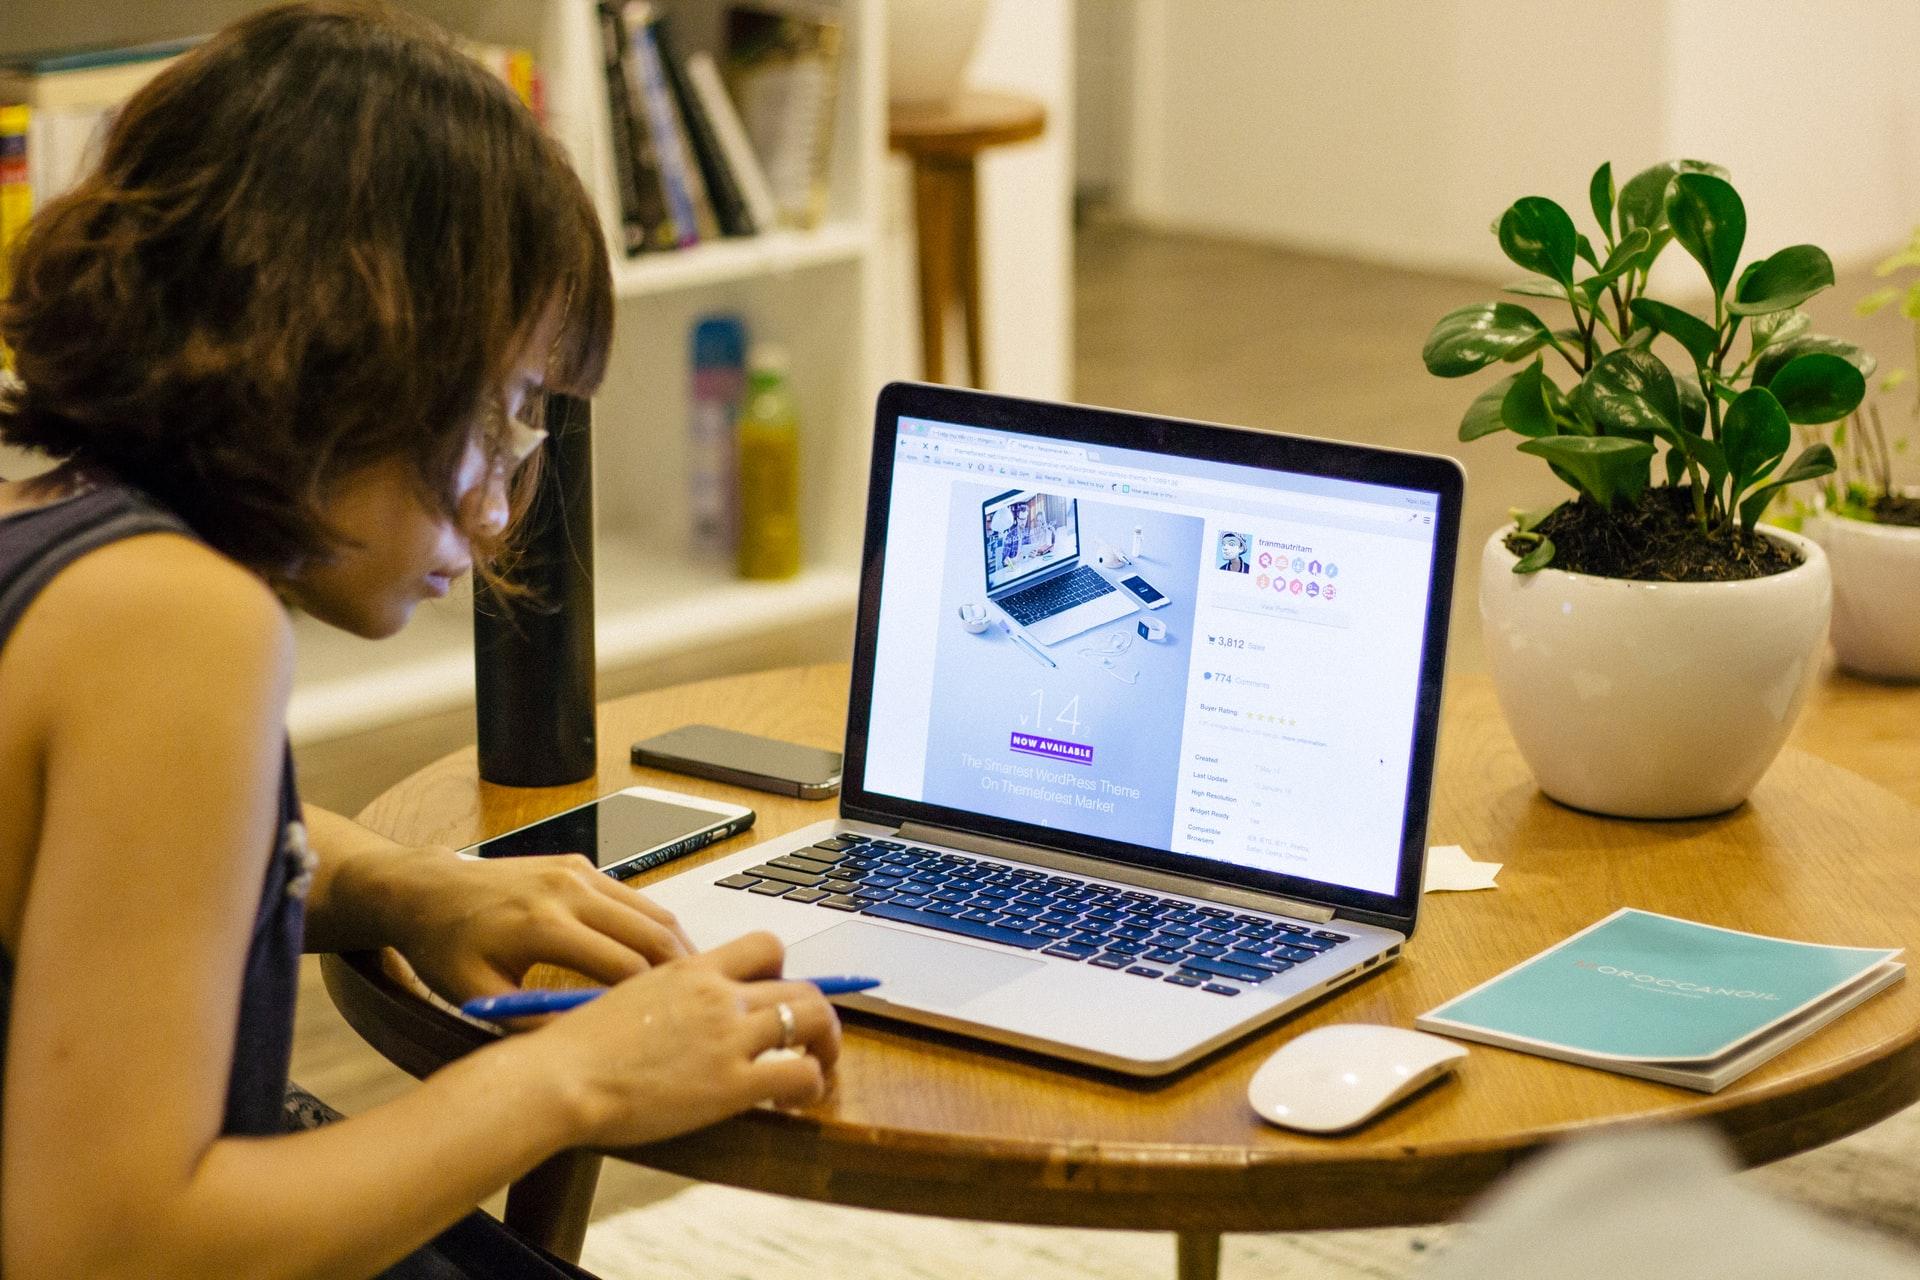 プログラミングをパソコンで学ぶ女性